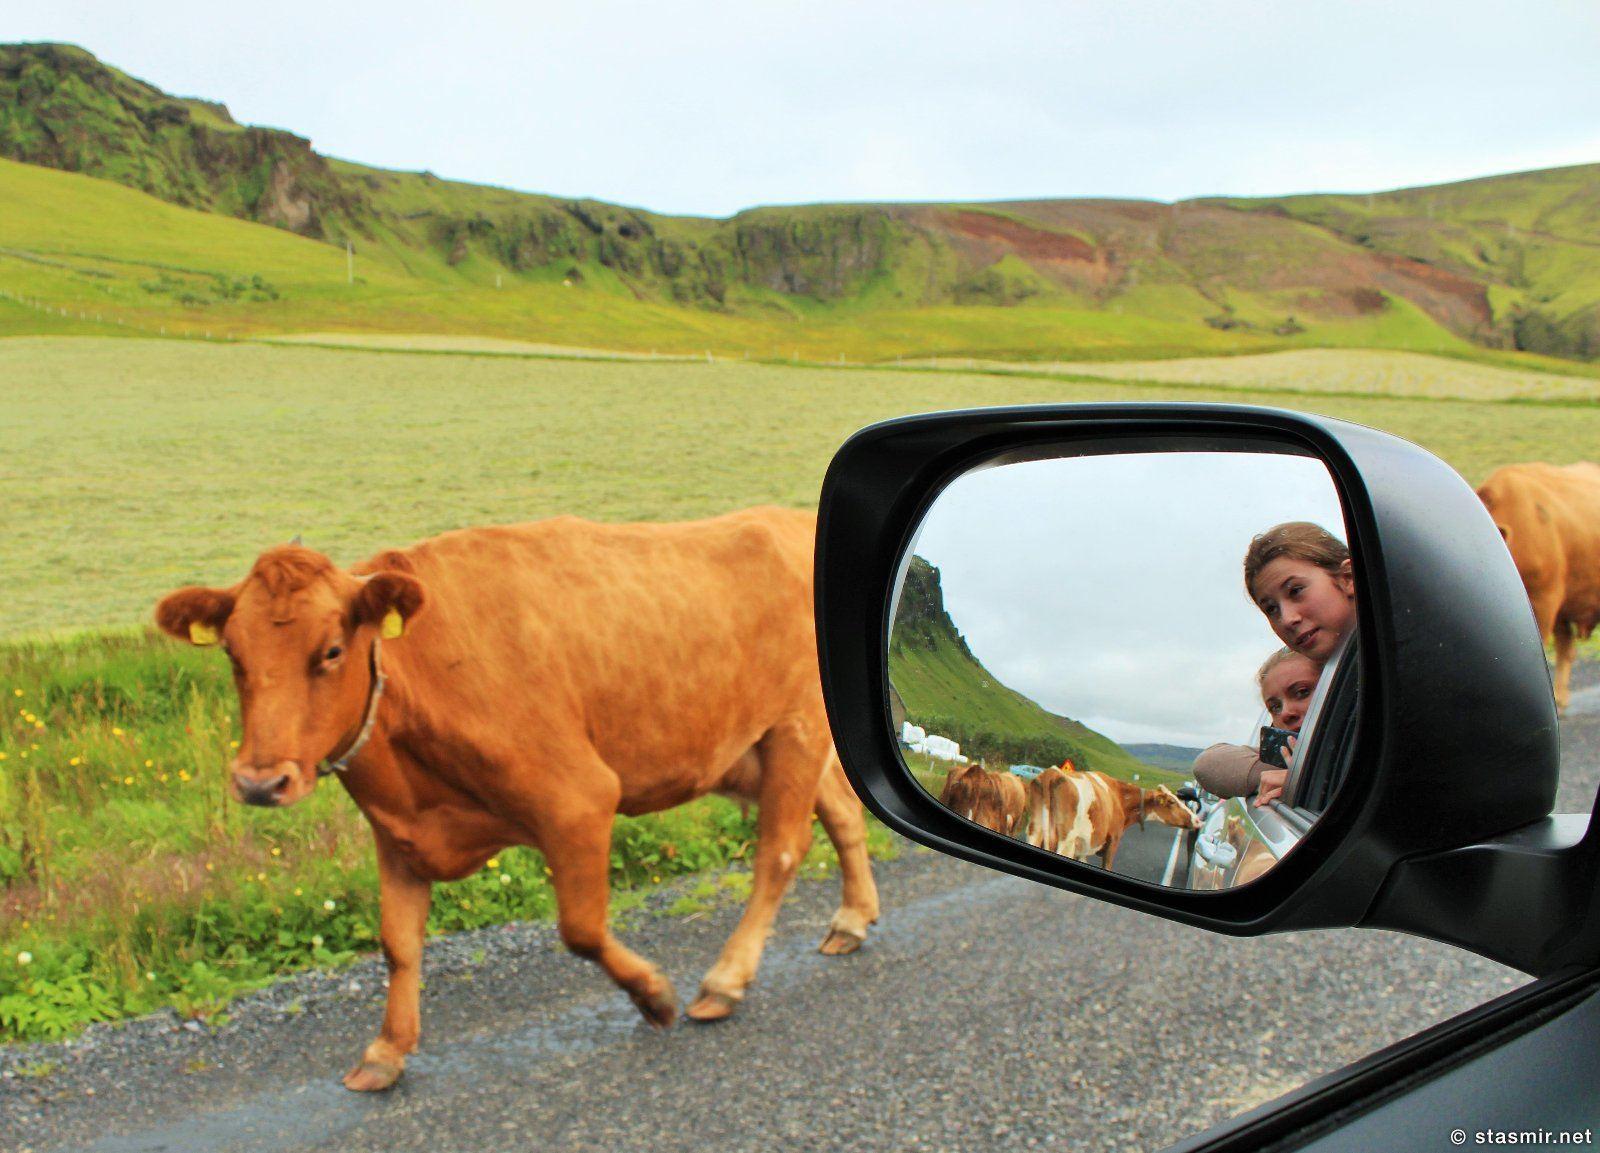 исландские коровы, Южный Берег Исландии, фото Стасмир, photo Stasmir